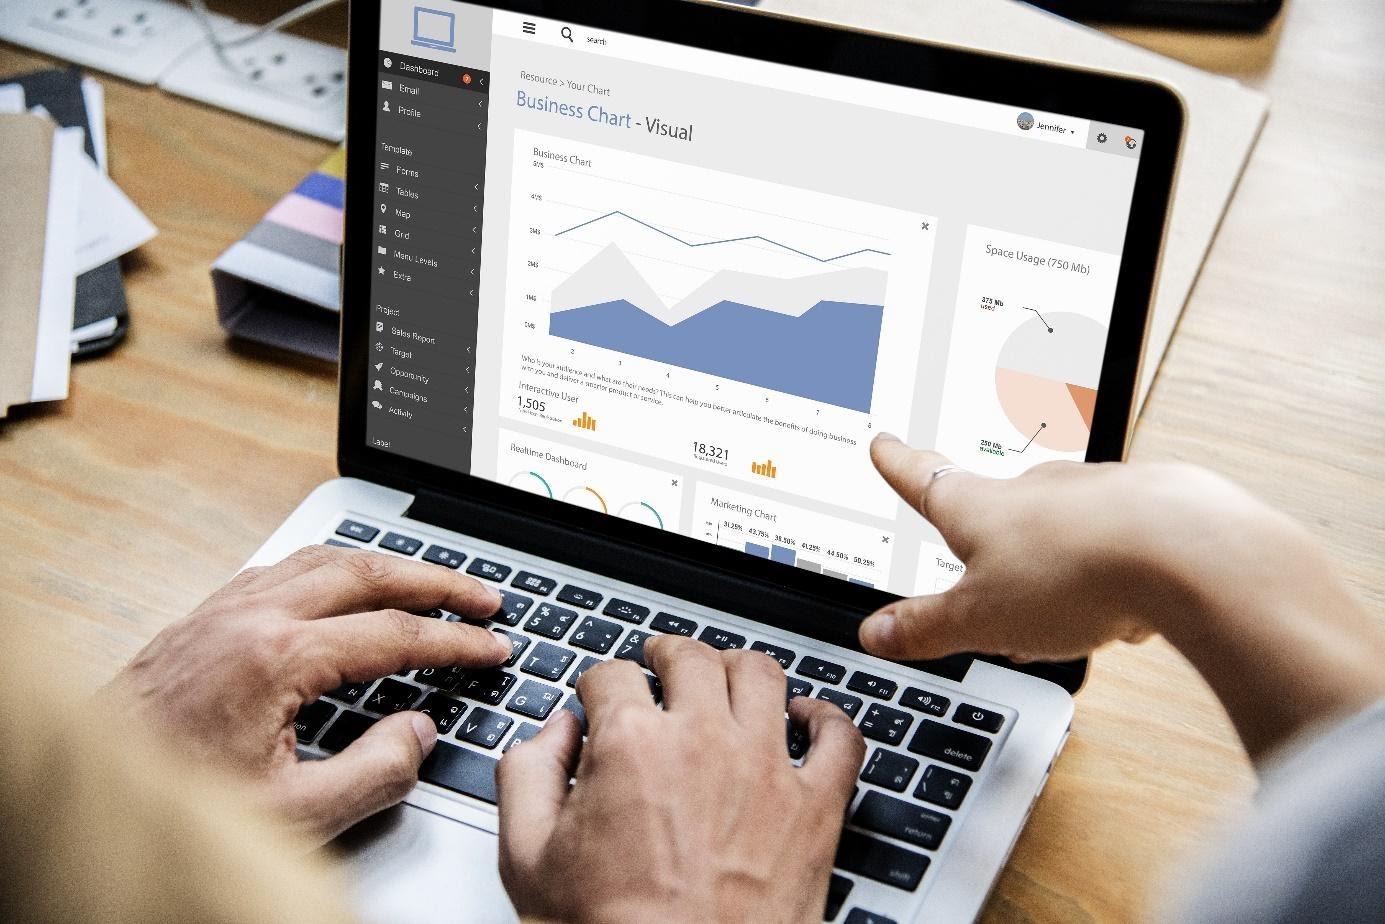 Agence publicite3 - Agence de publicité: exploitez les potentiels de votre entreprise